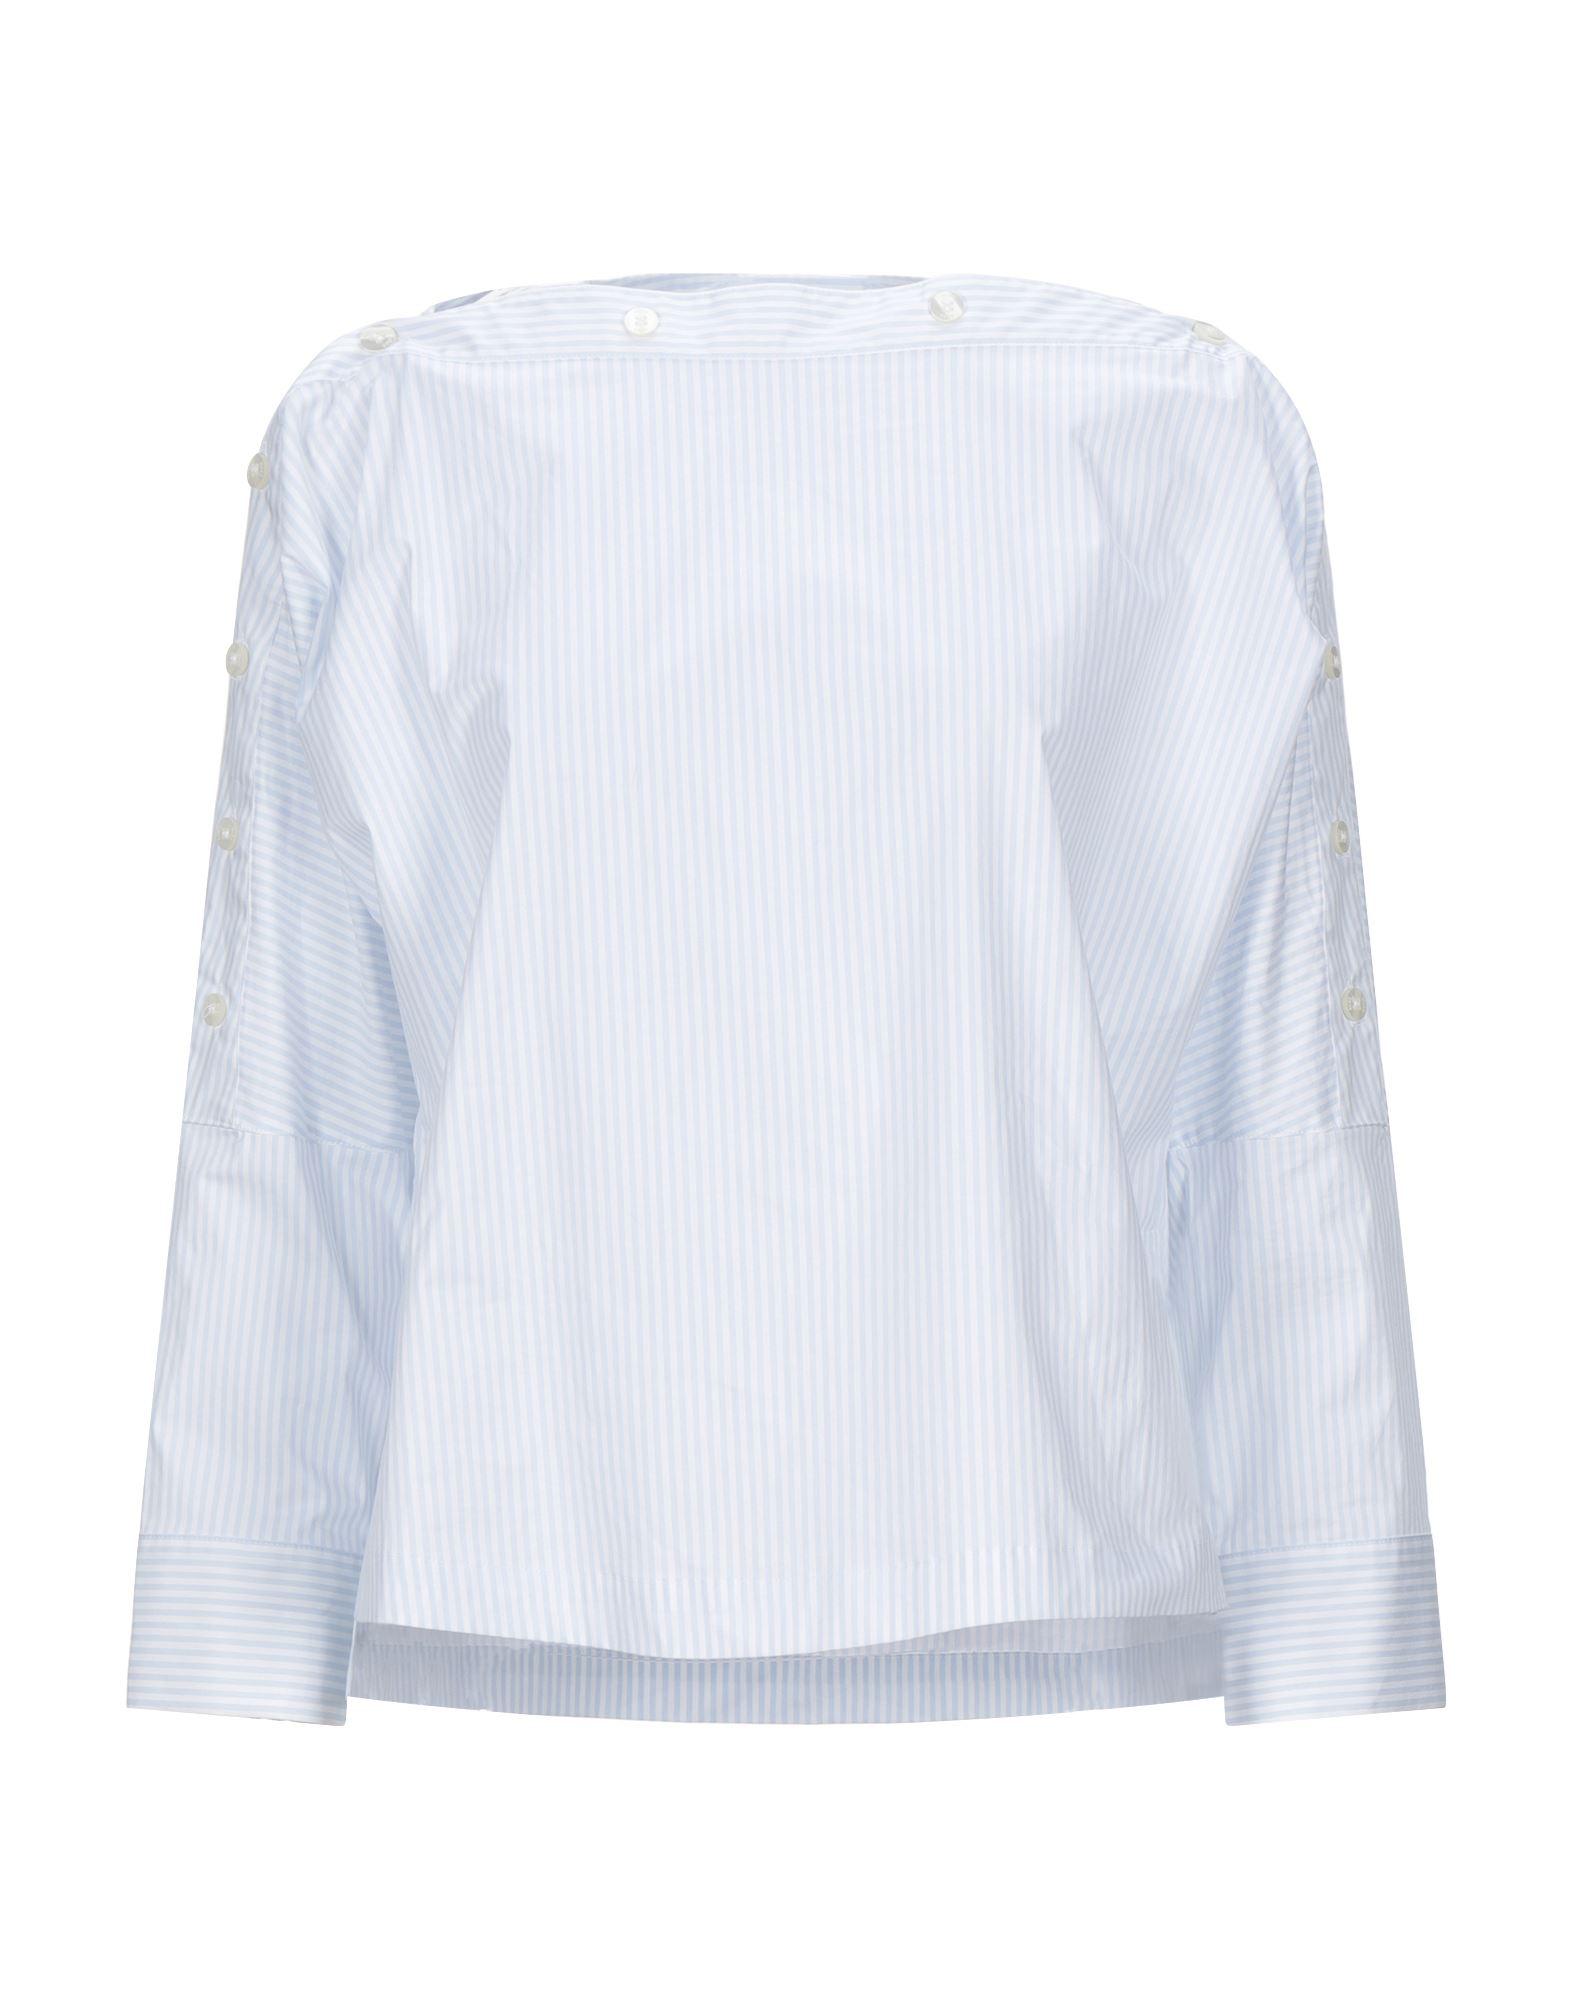 BOSS HUGO BOSS Блузка hugo hugo boss блузка